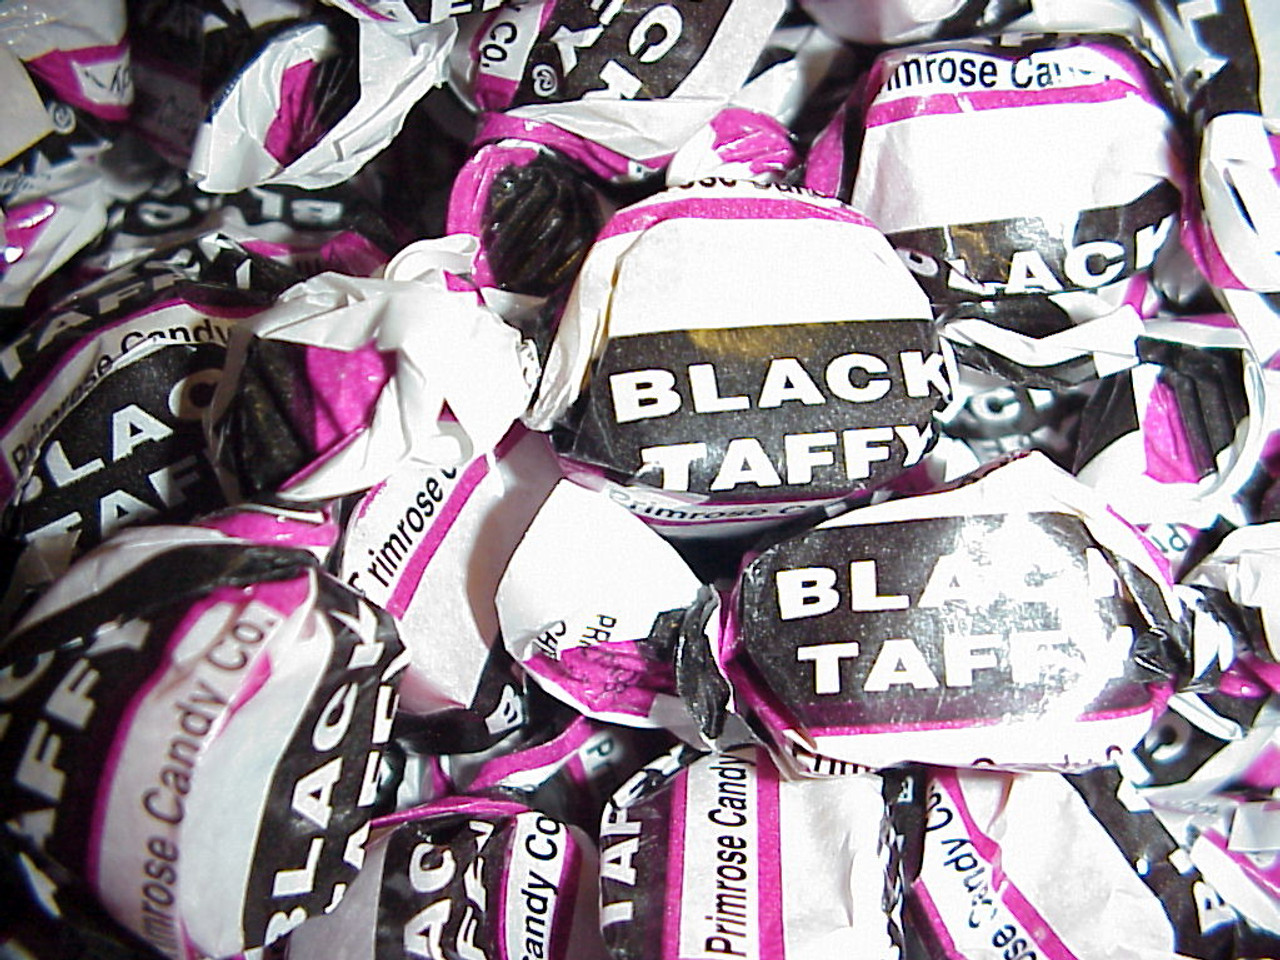 black jacks black taffy